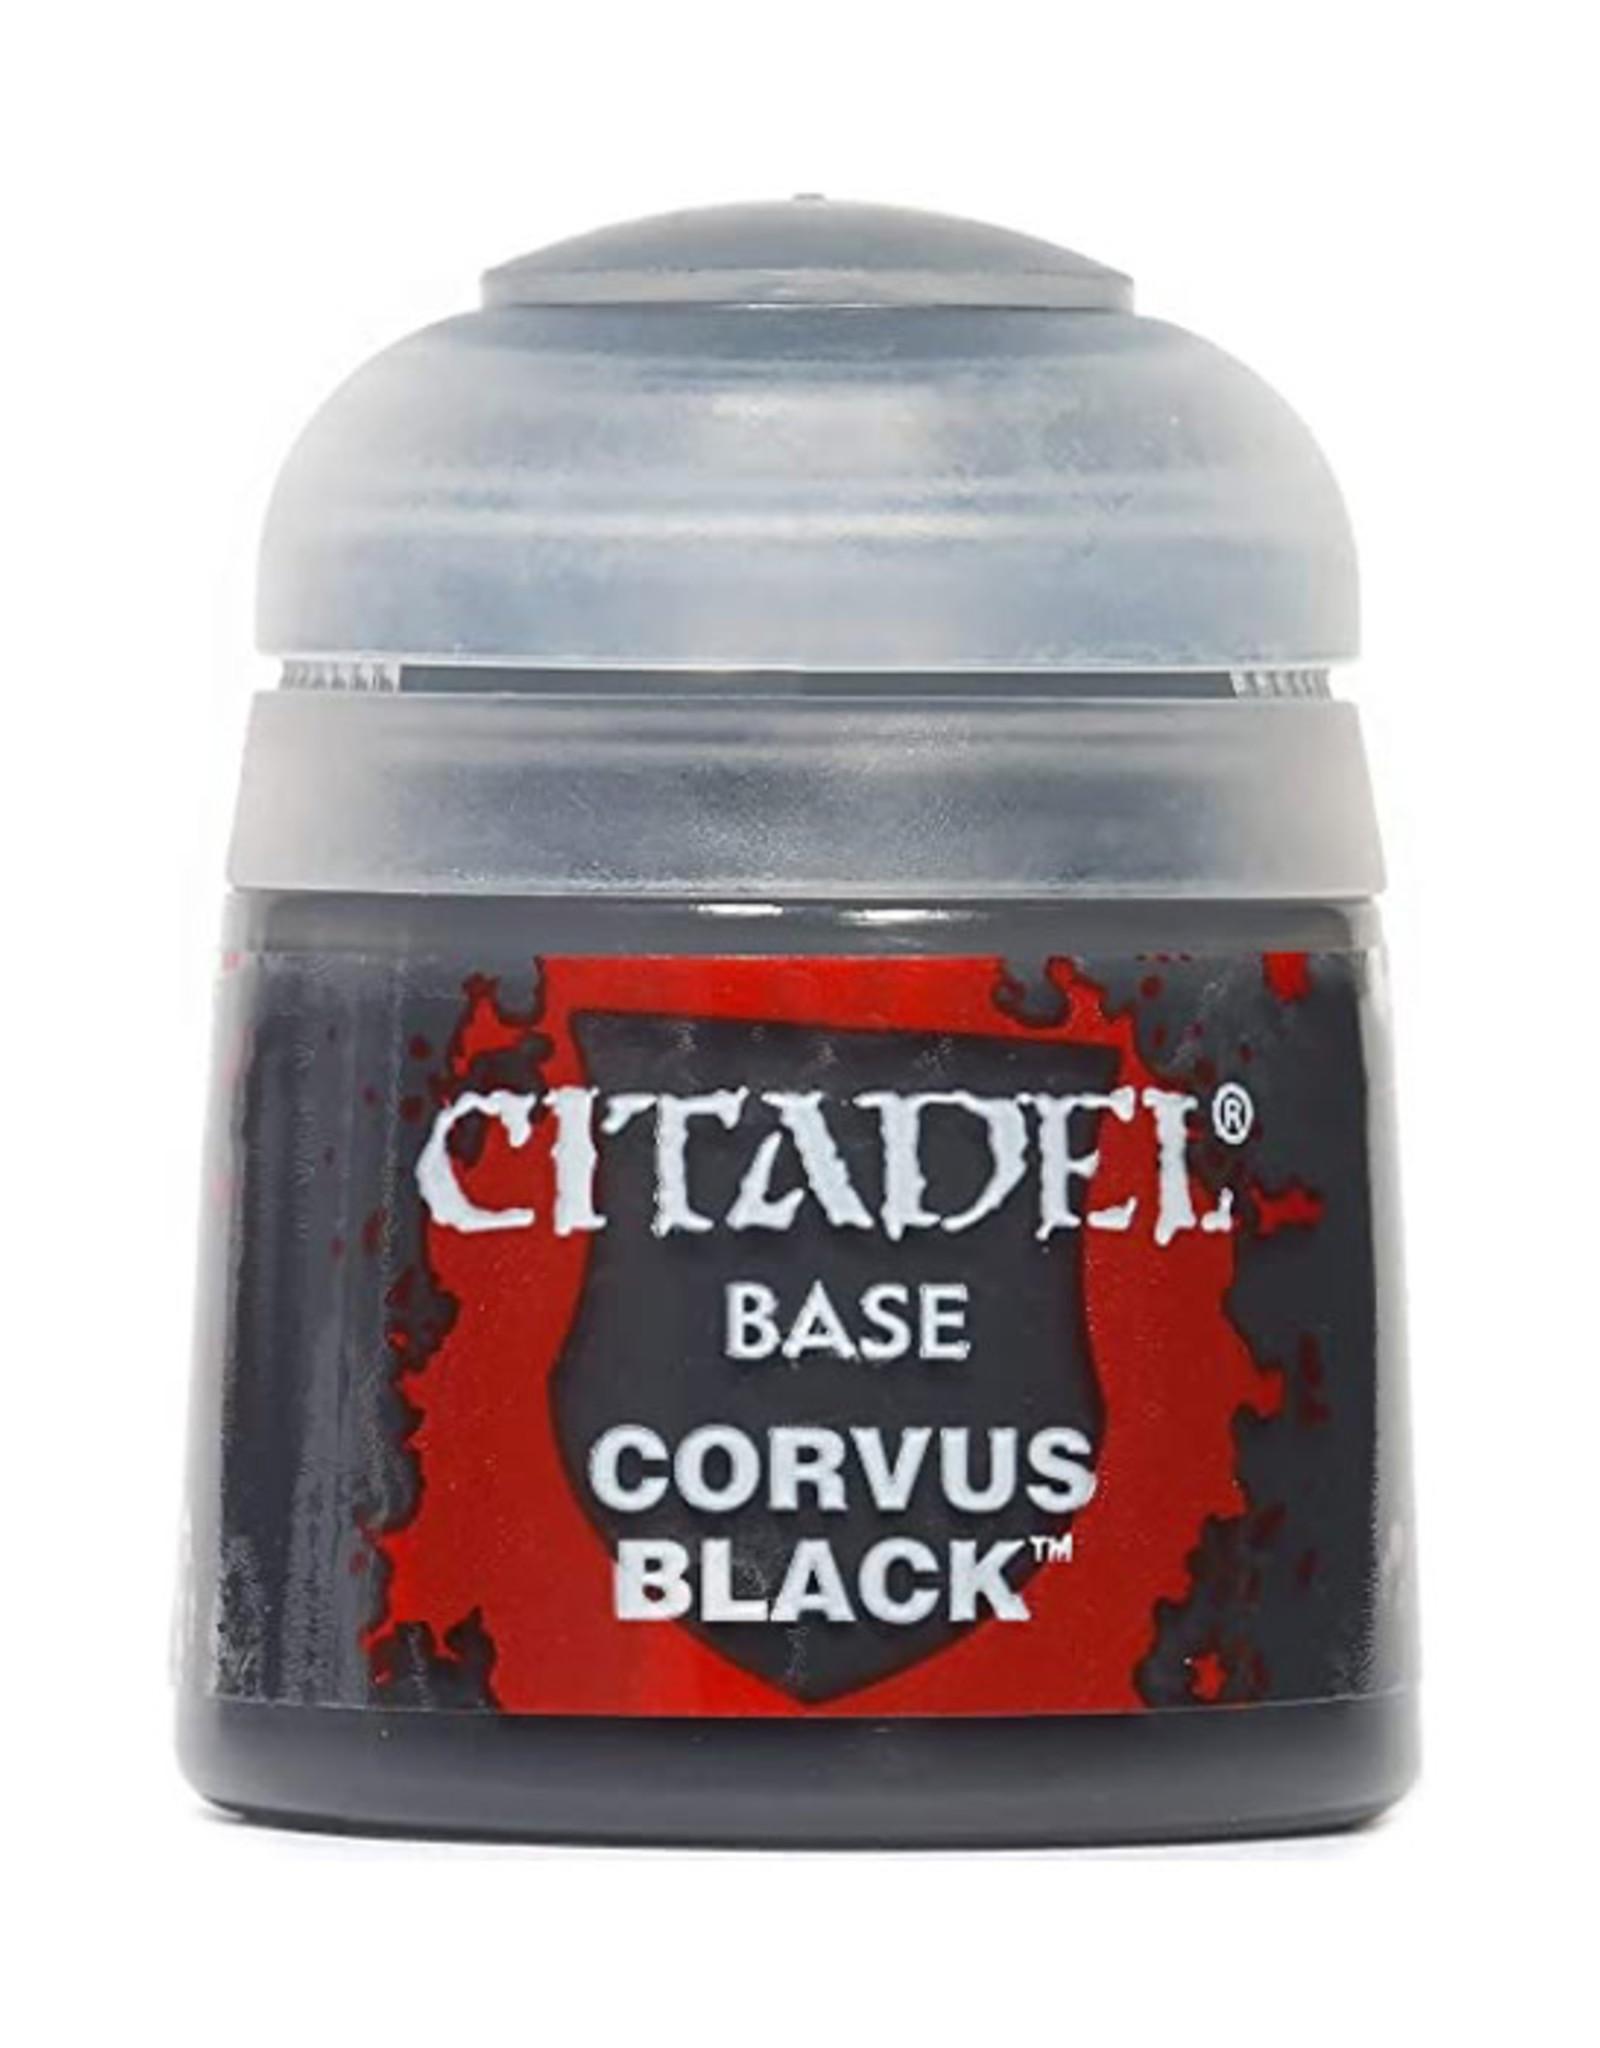 Citadel Citadel Colour: Base - Corvus Black